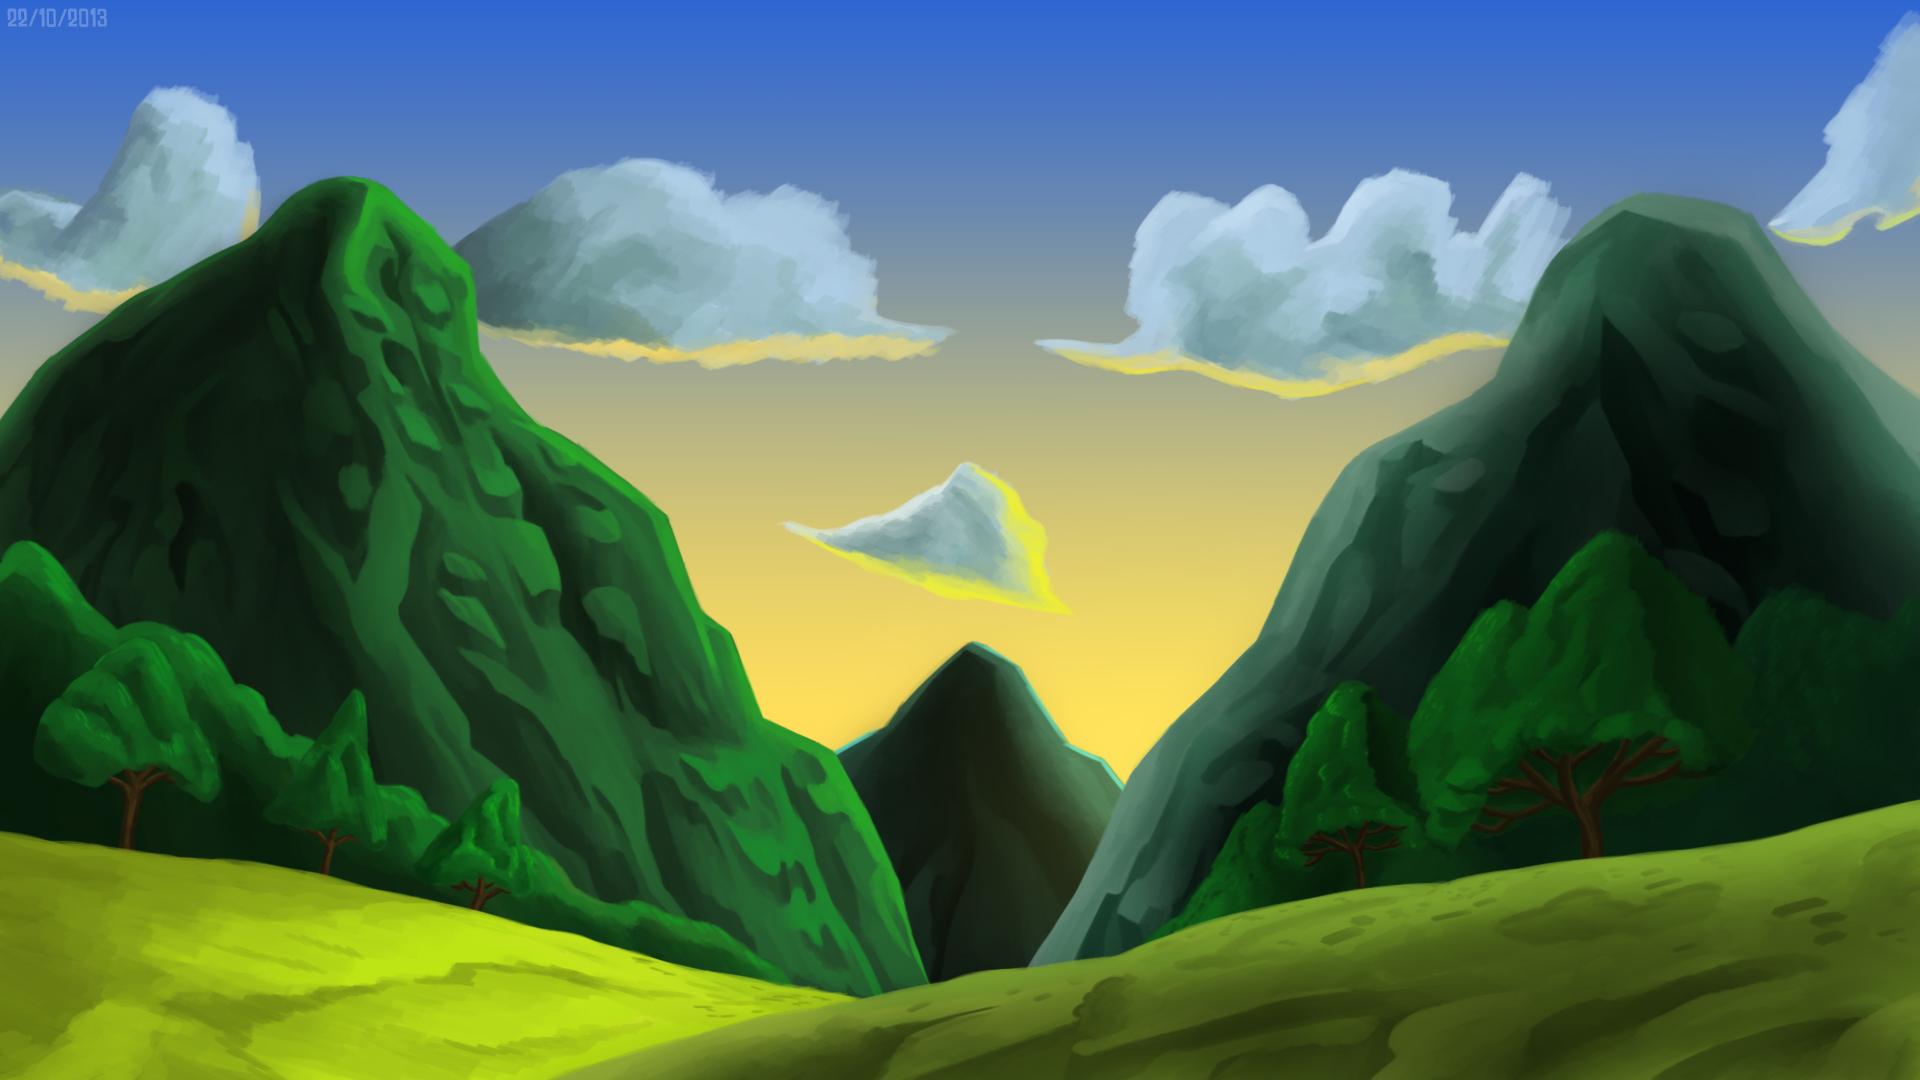 The Dragon's Mountains